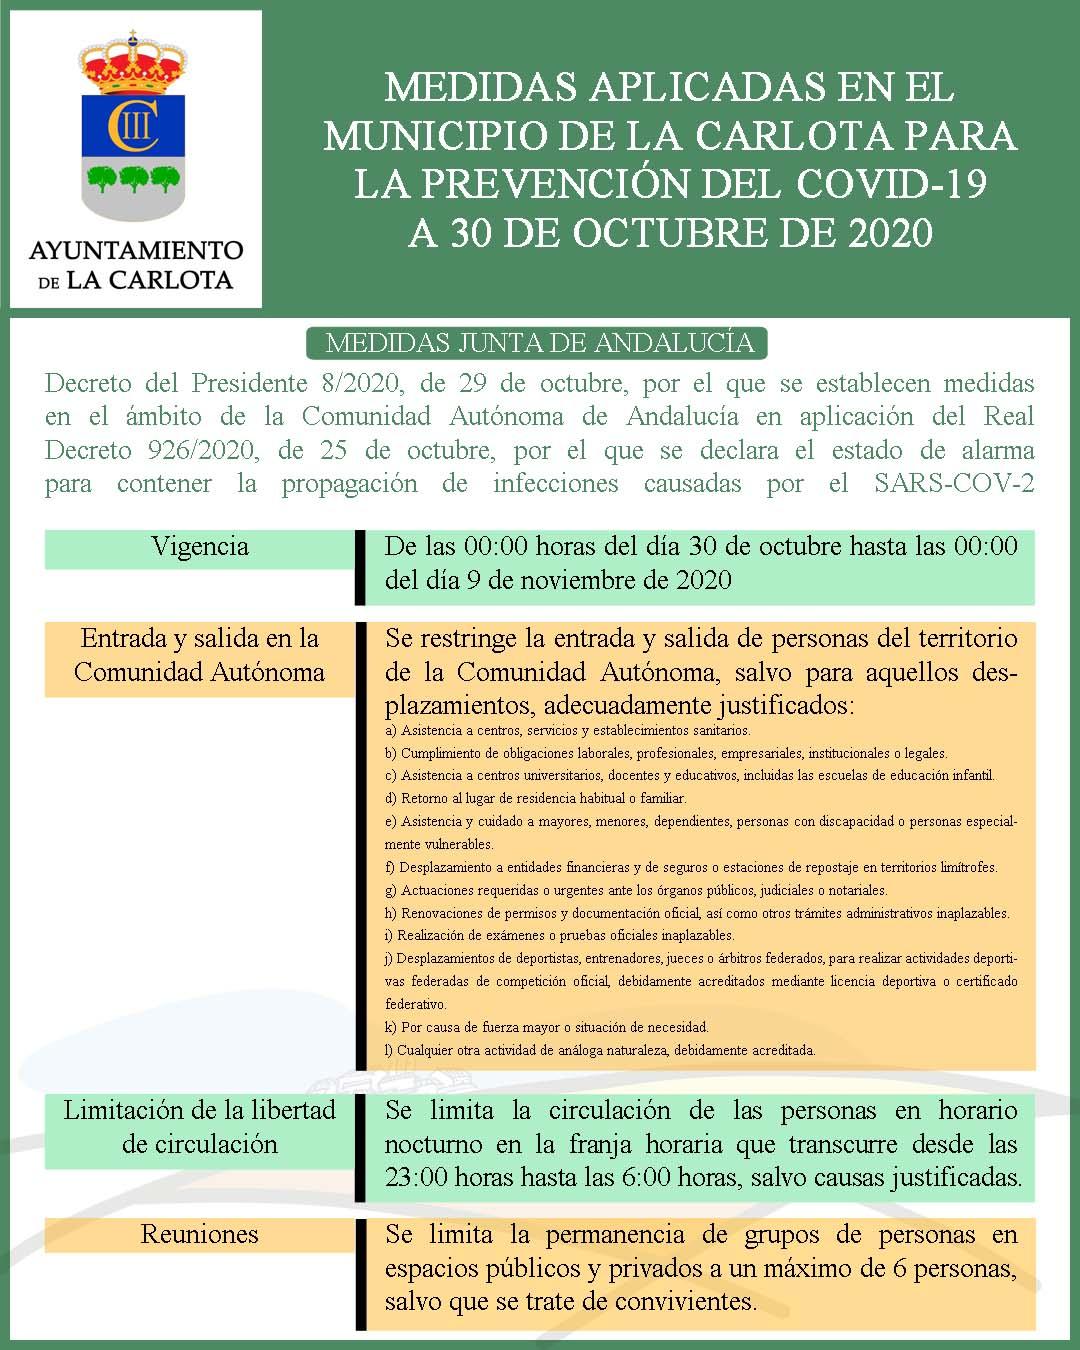 MEDIDAS APLICADAS EN EL MUNICIPIO DE LA CARLOTA PARA LA PREVENCIÓN DEL COVID-19 A 30 DE OCTUBRE DE 2020 1